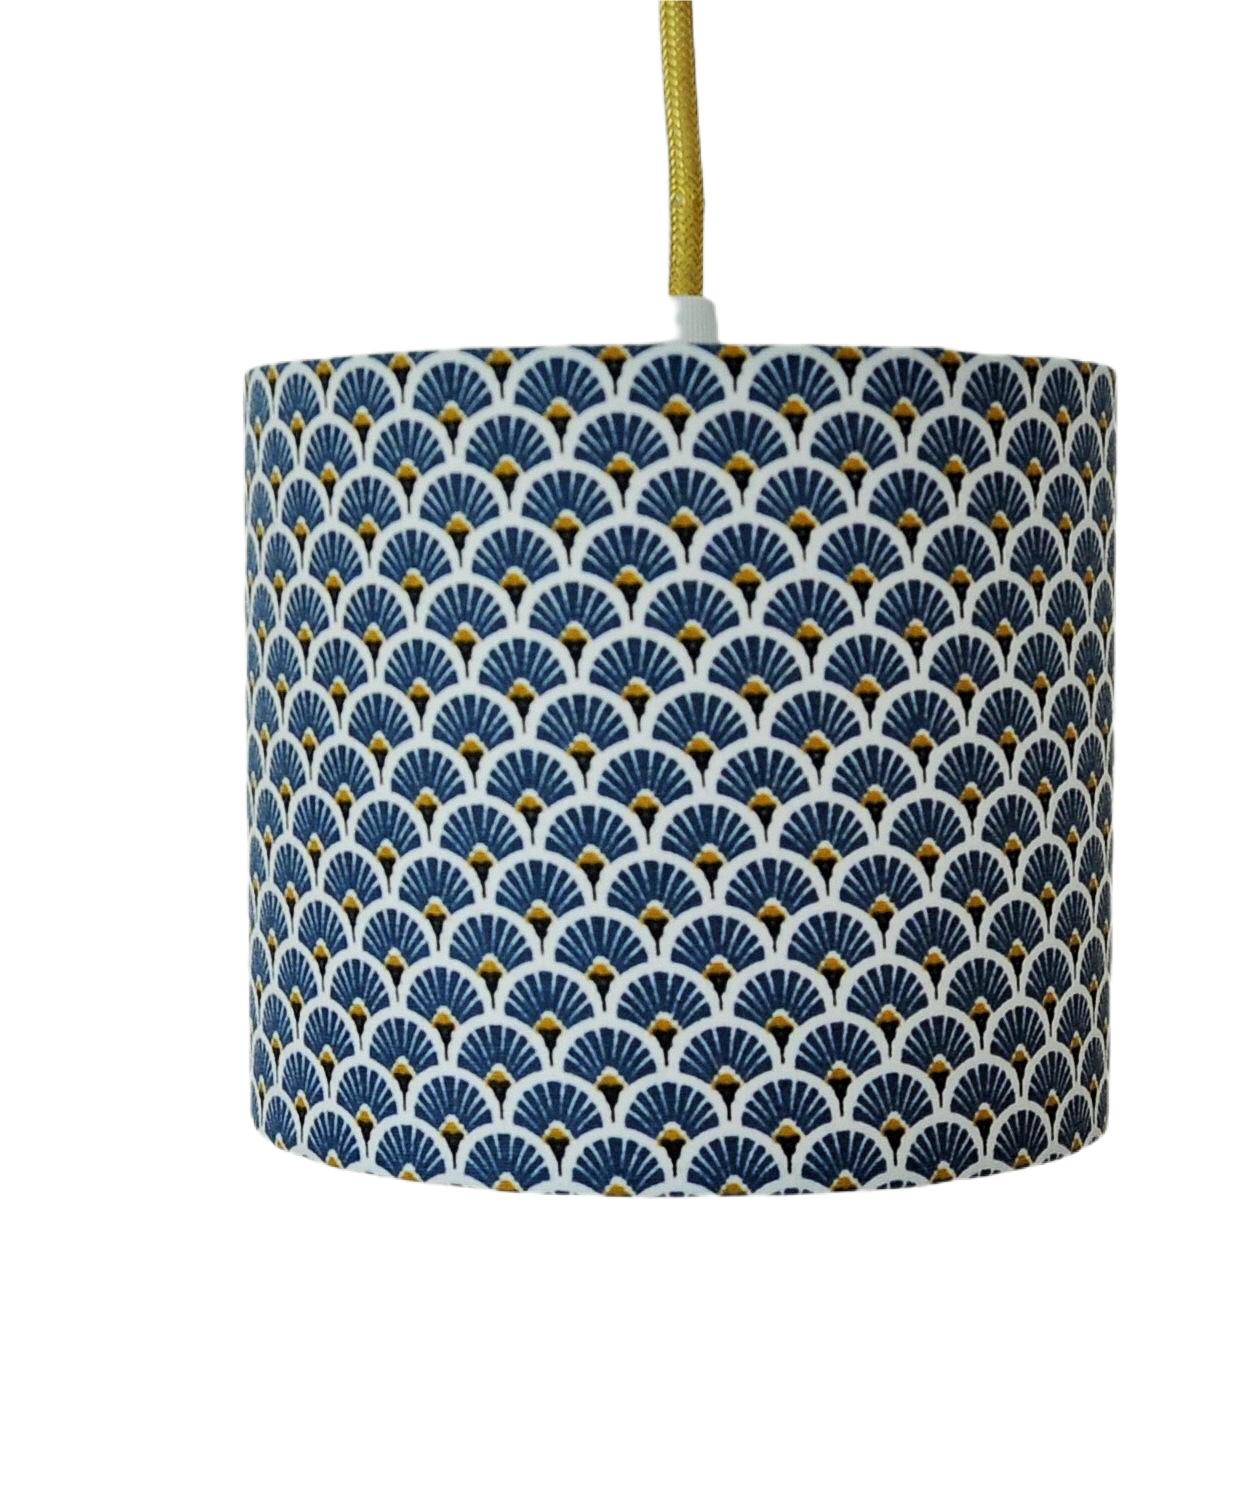 Suspension eventail bleu et or diamètre 30 cm